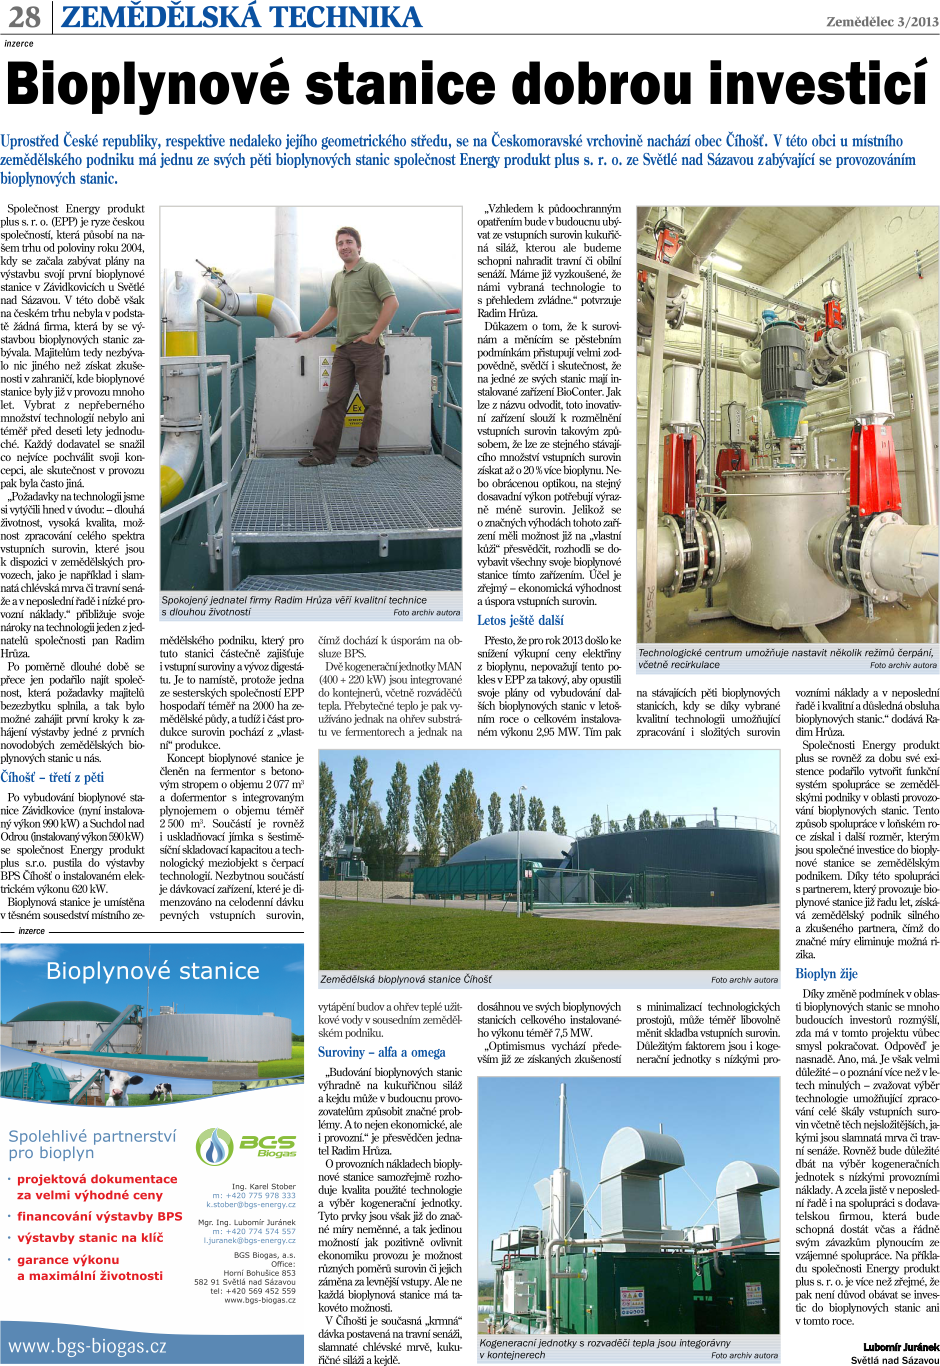 BGS-Biogas-Bioplynove-stanice-dobrou-investici